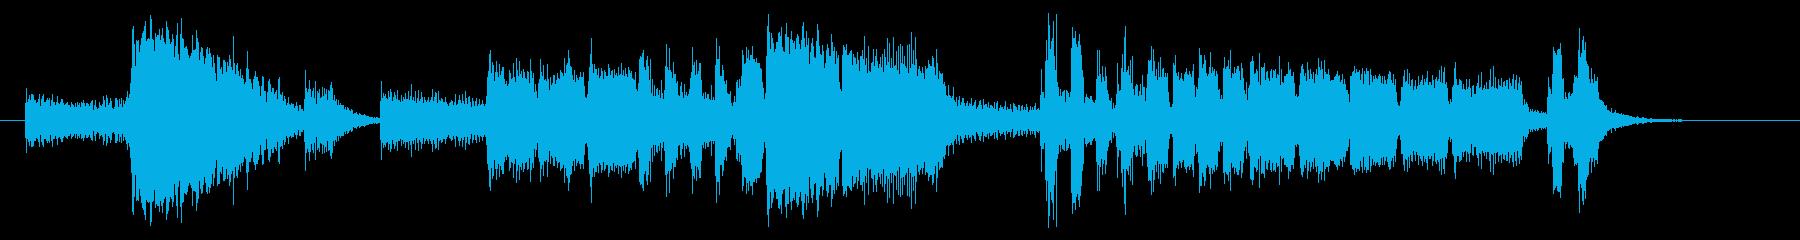 ホーンセクションおしゃれジングル 10秒の再生済みの波形